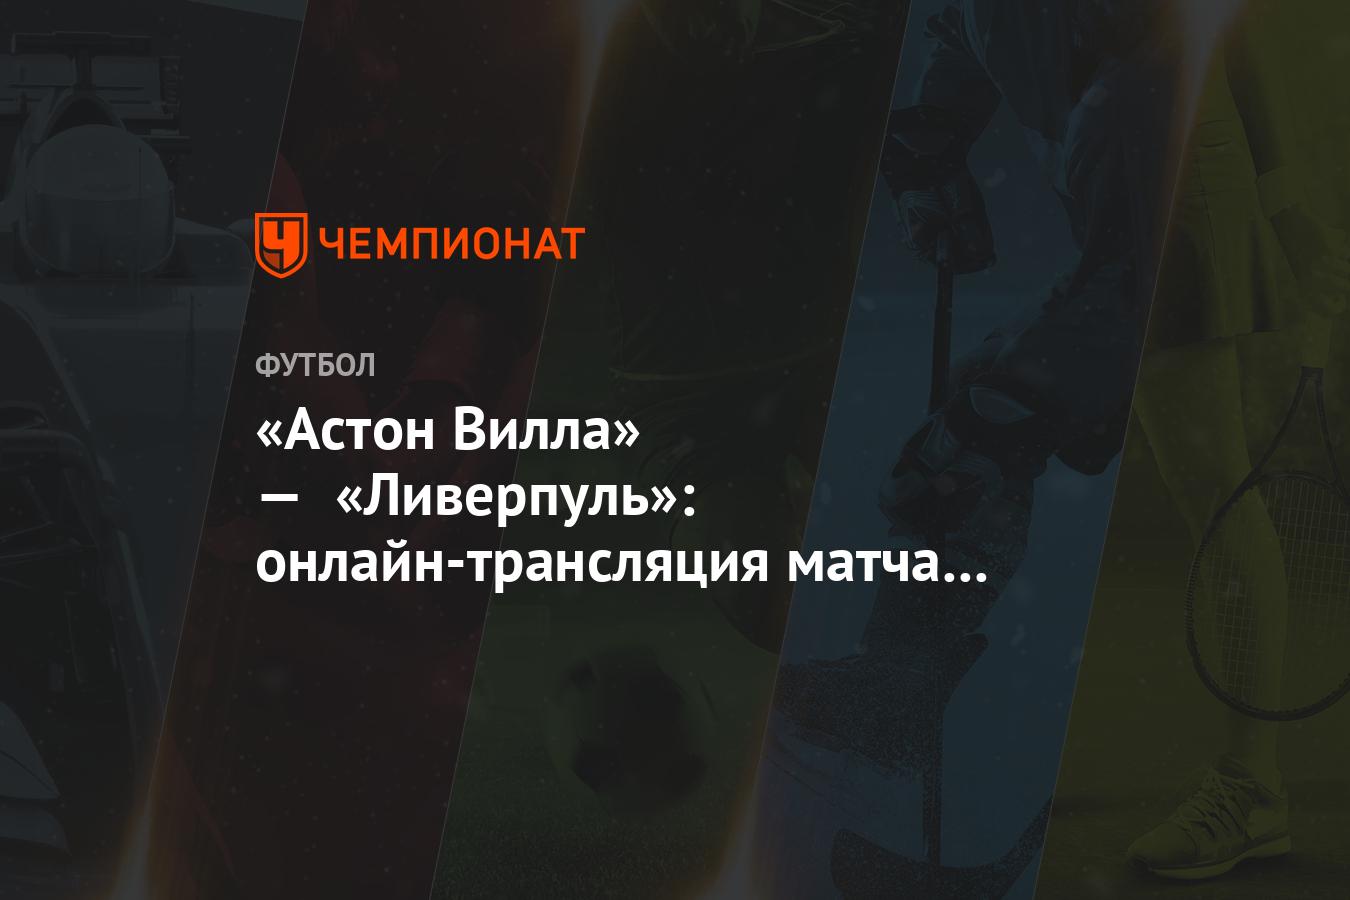 Онлайн трансляция матча ливерпуль астон вилла